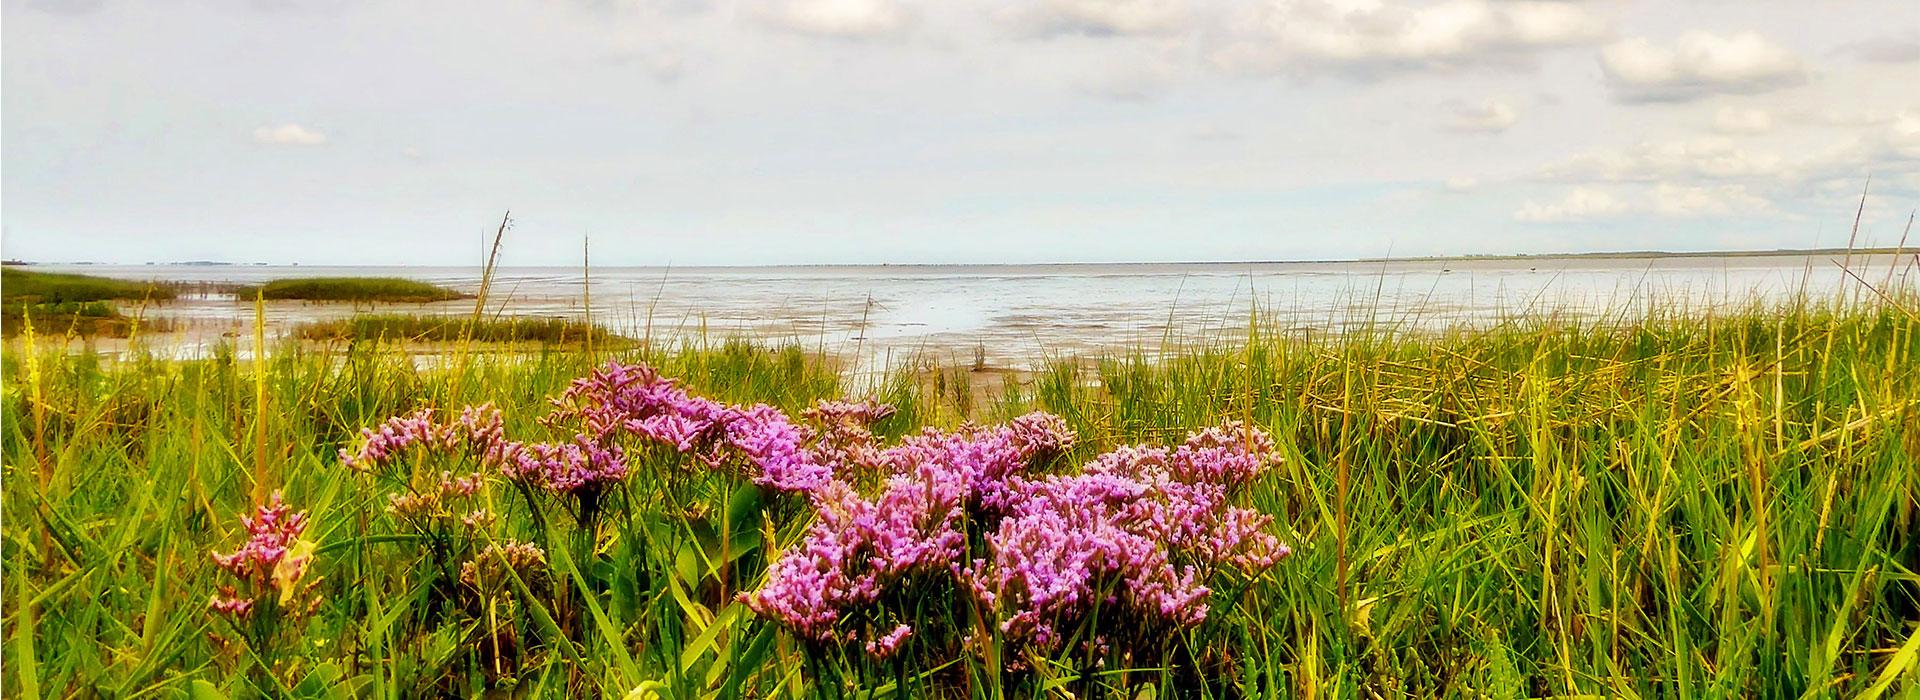 Lauwersoog-bezoeken-Lauwersmeer-vakantie-in-Friesland-Ljeppershiem-vakantiepark-planten